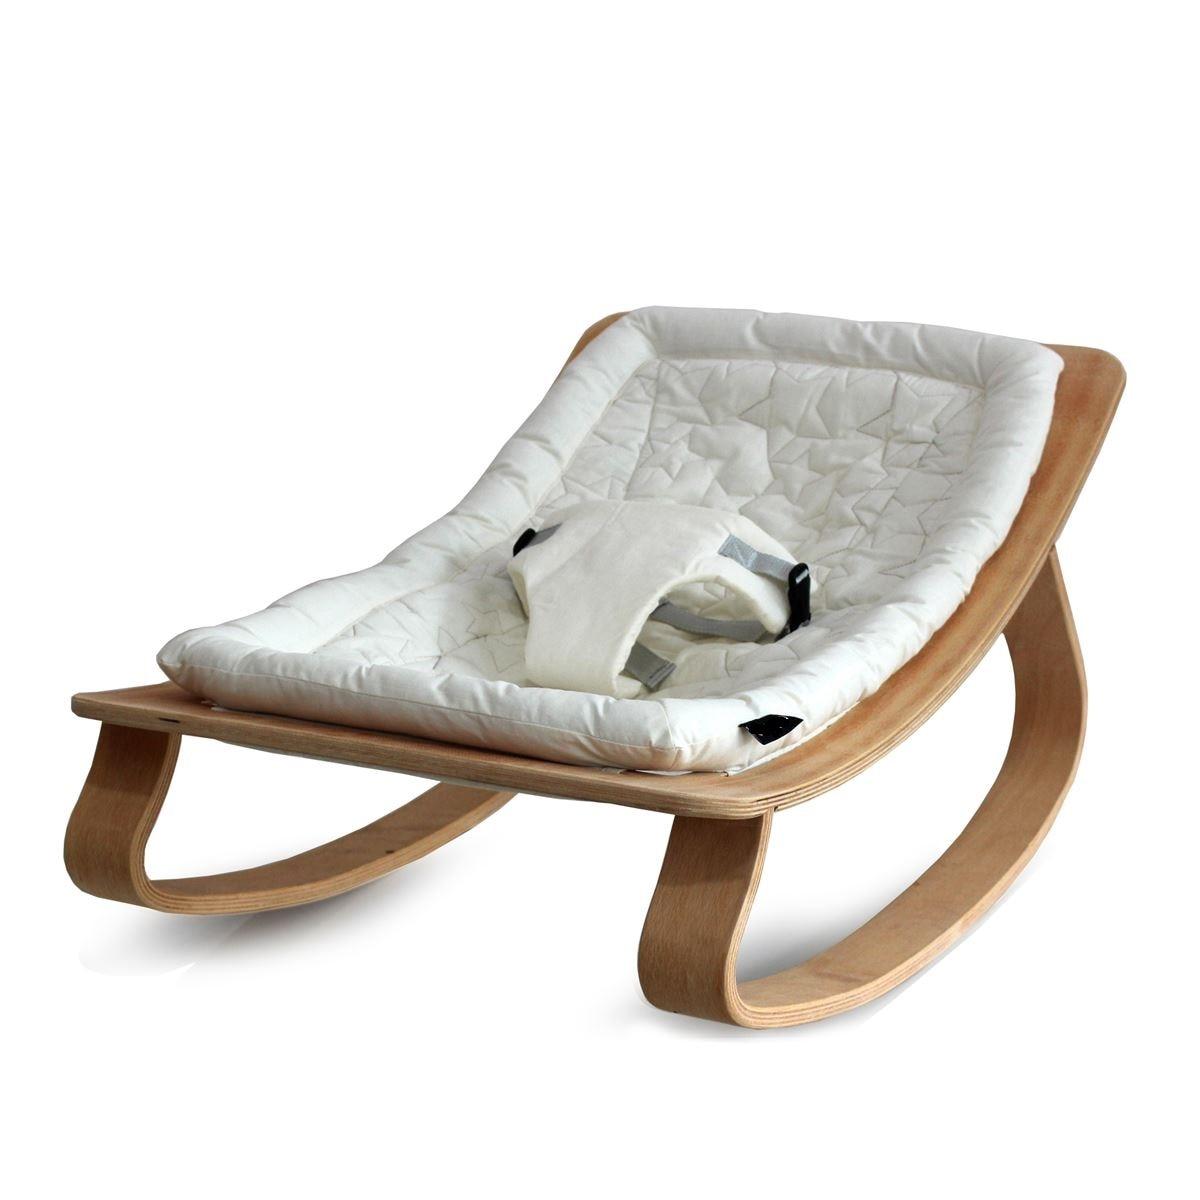 Portable en bois balancent bébé hamac berceau balançoire meubles nouveau-né enfants chambre lit produits de sécurité accessoires livraison gratuite chevet facile pliant rêveur chevet dormeur Convertible Mini